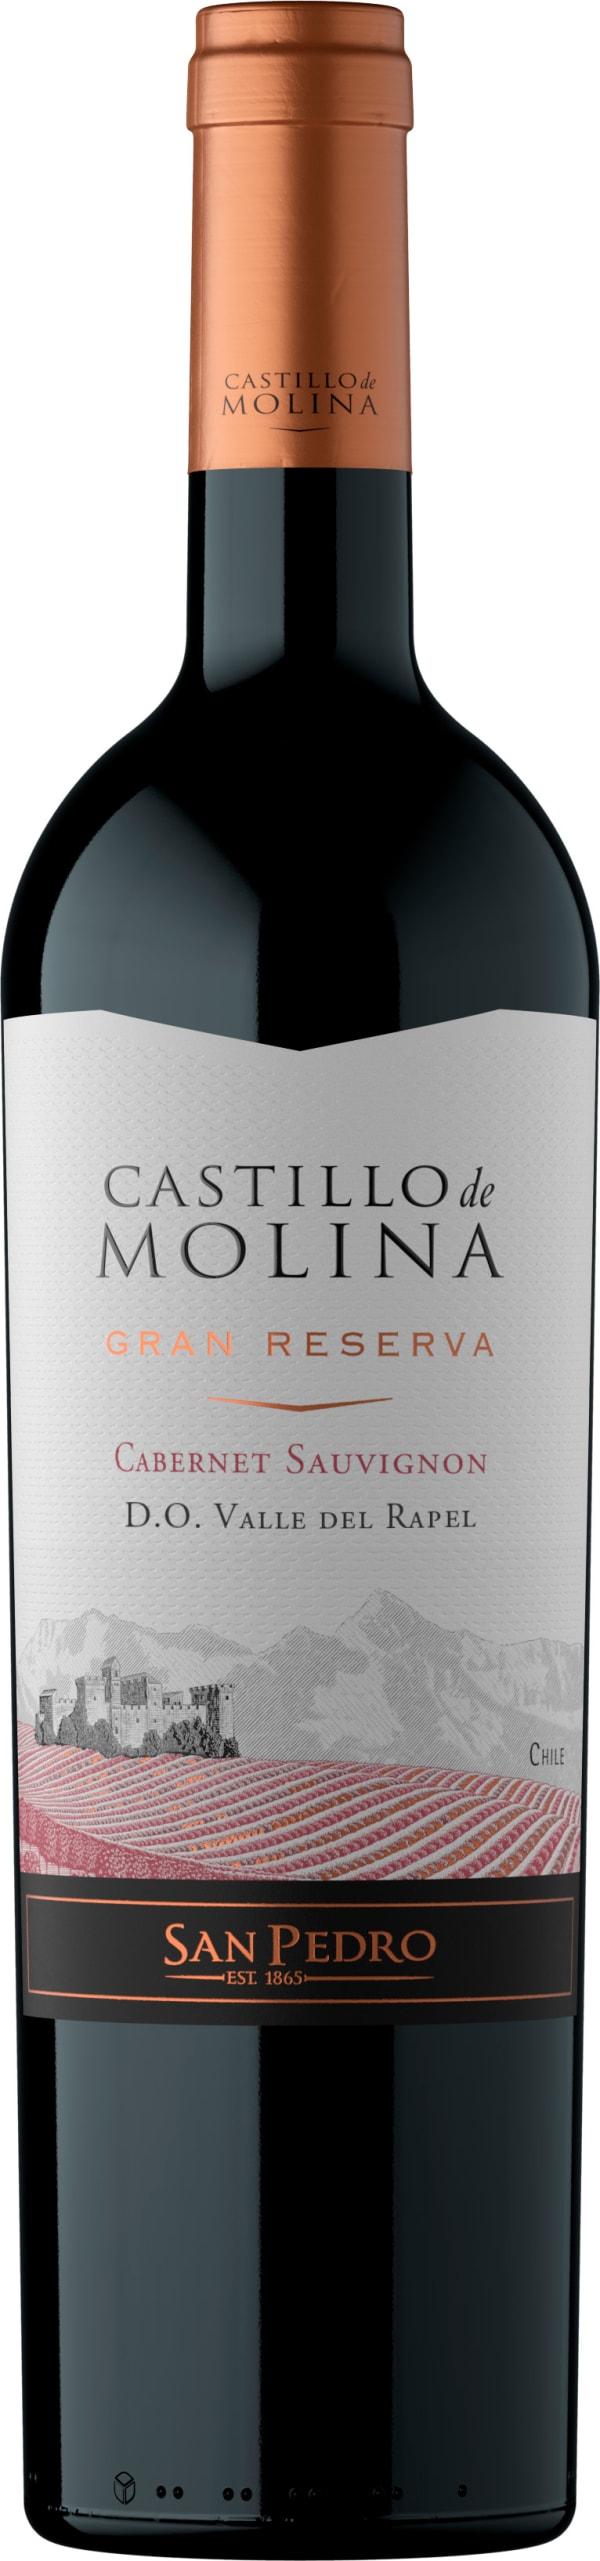 Castillo de Molina Reserva Cabernet Sauvignon 2017